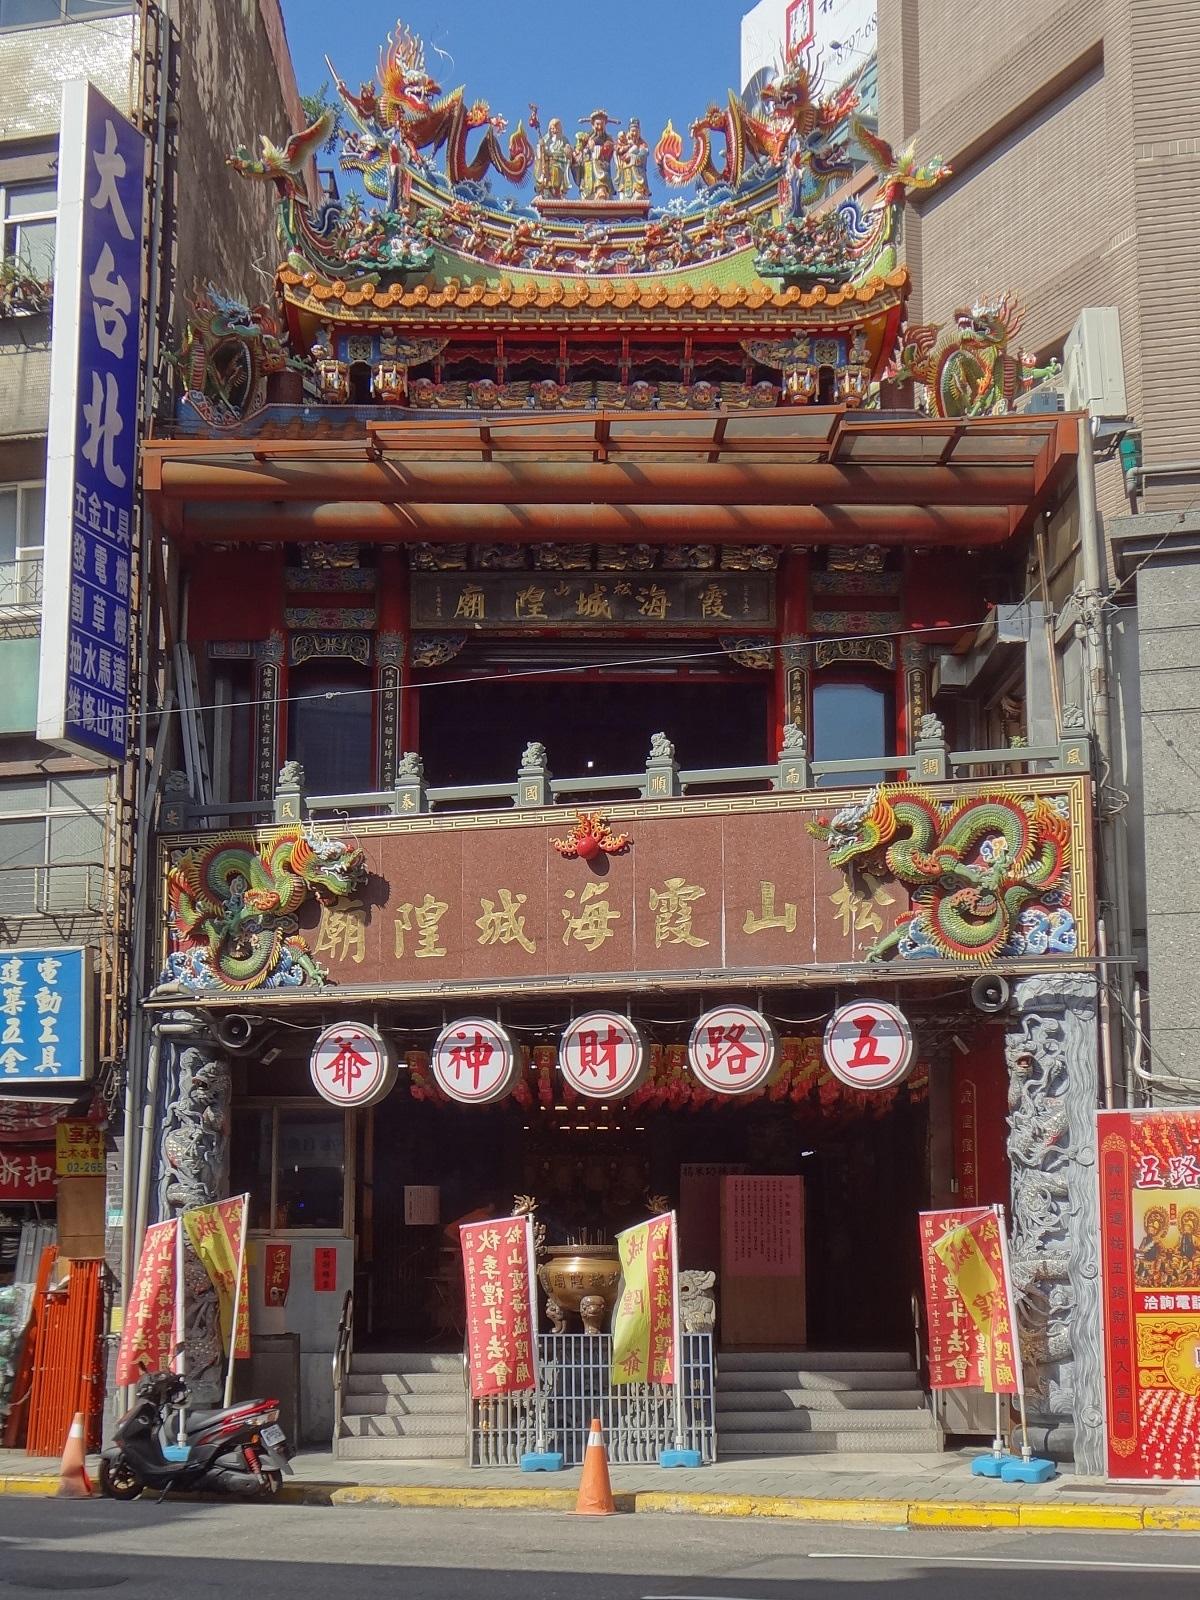 松山霞海城隍廟。圖/摘自維基百科